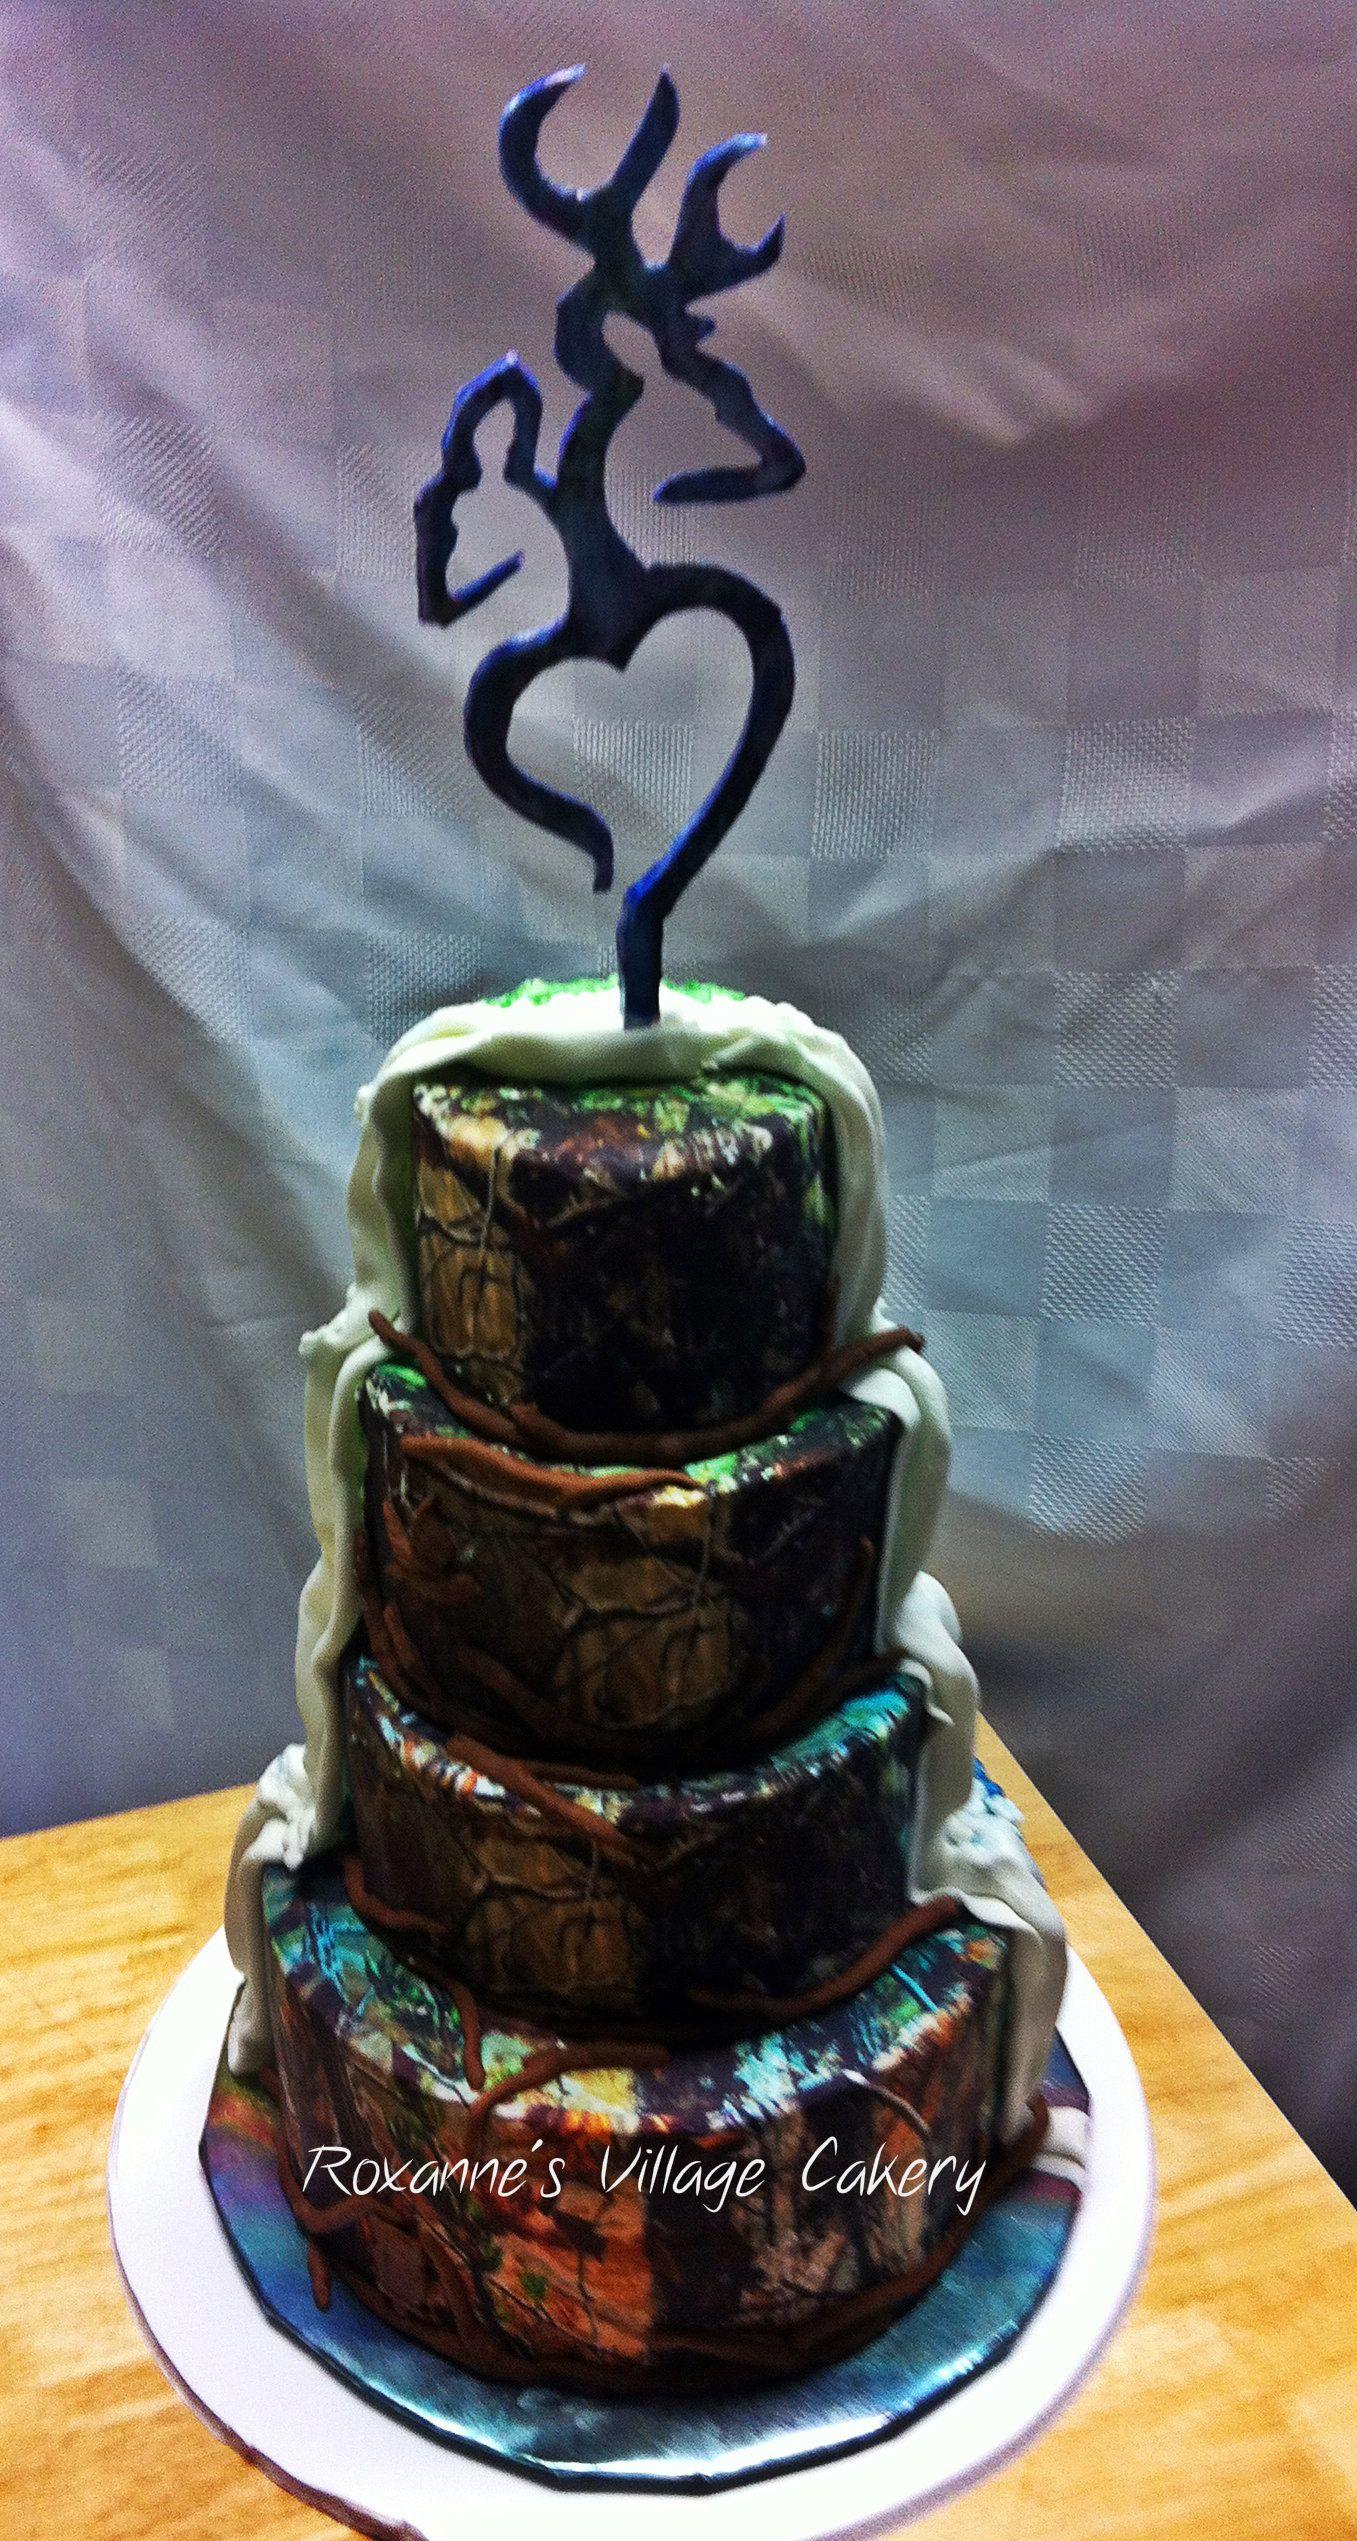 Camo wedding cake complete wt a gumpaste wedding cake topper camo wedding cake complete wt a gumpaste wedding cake topper biocorpaavc Images